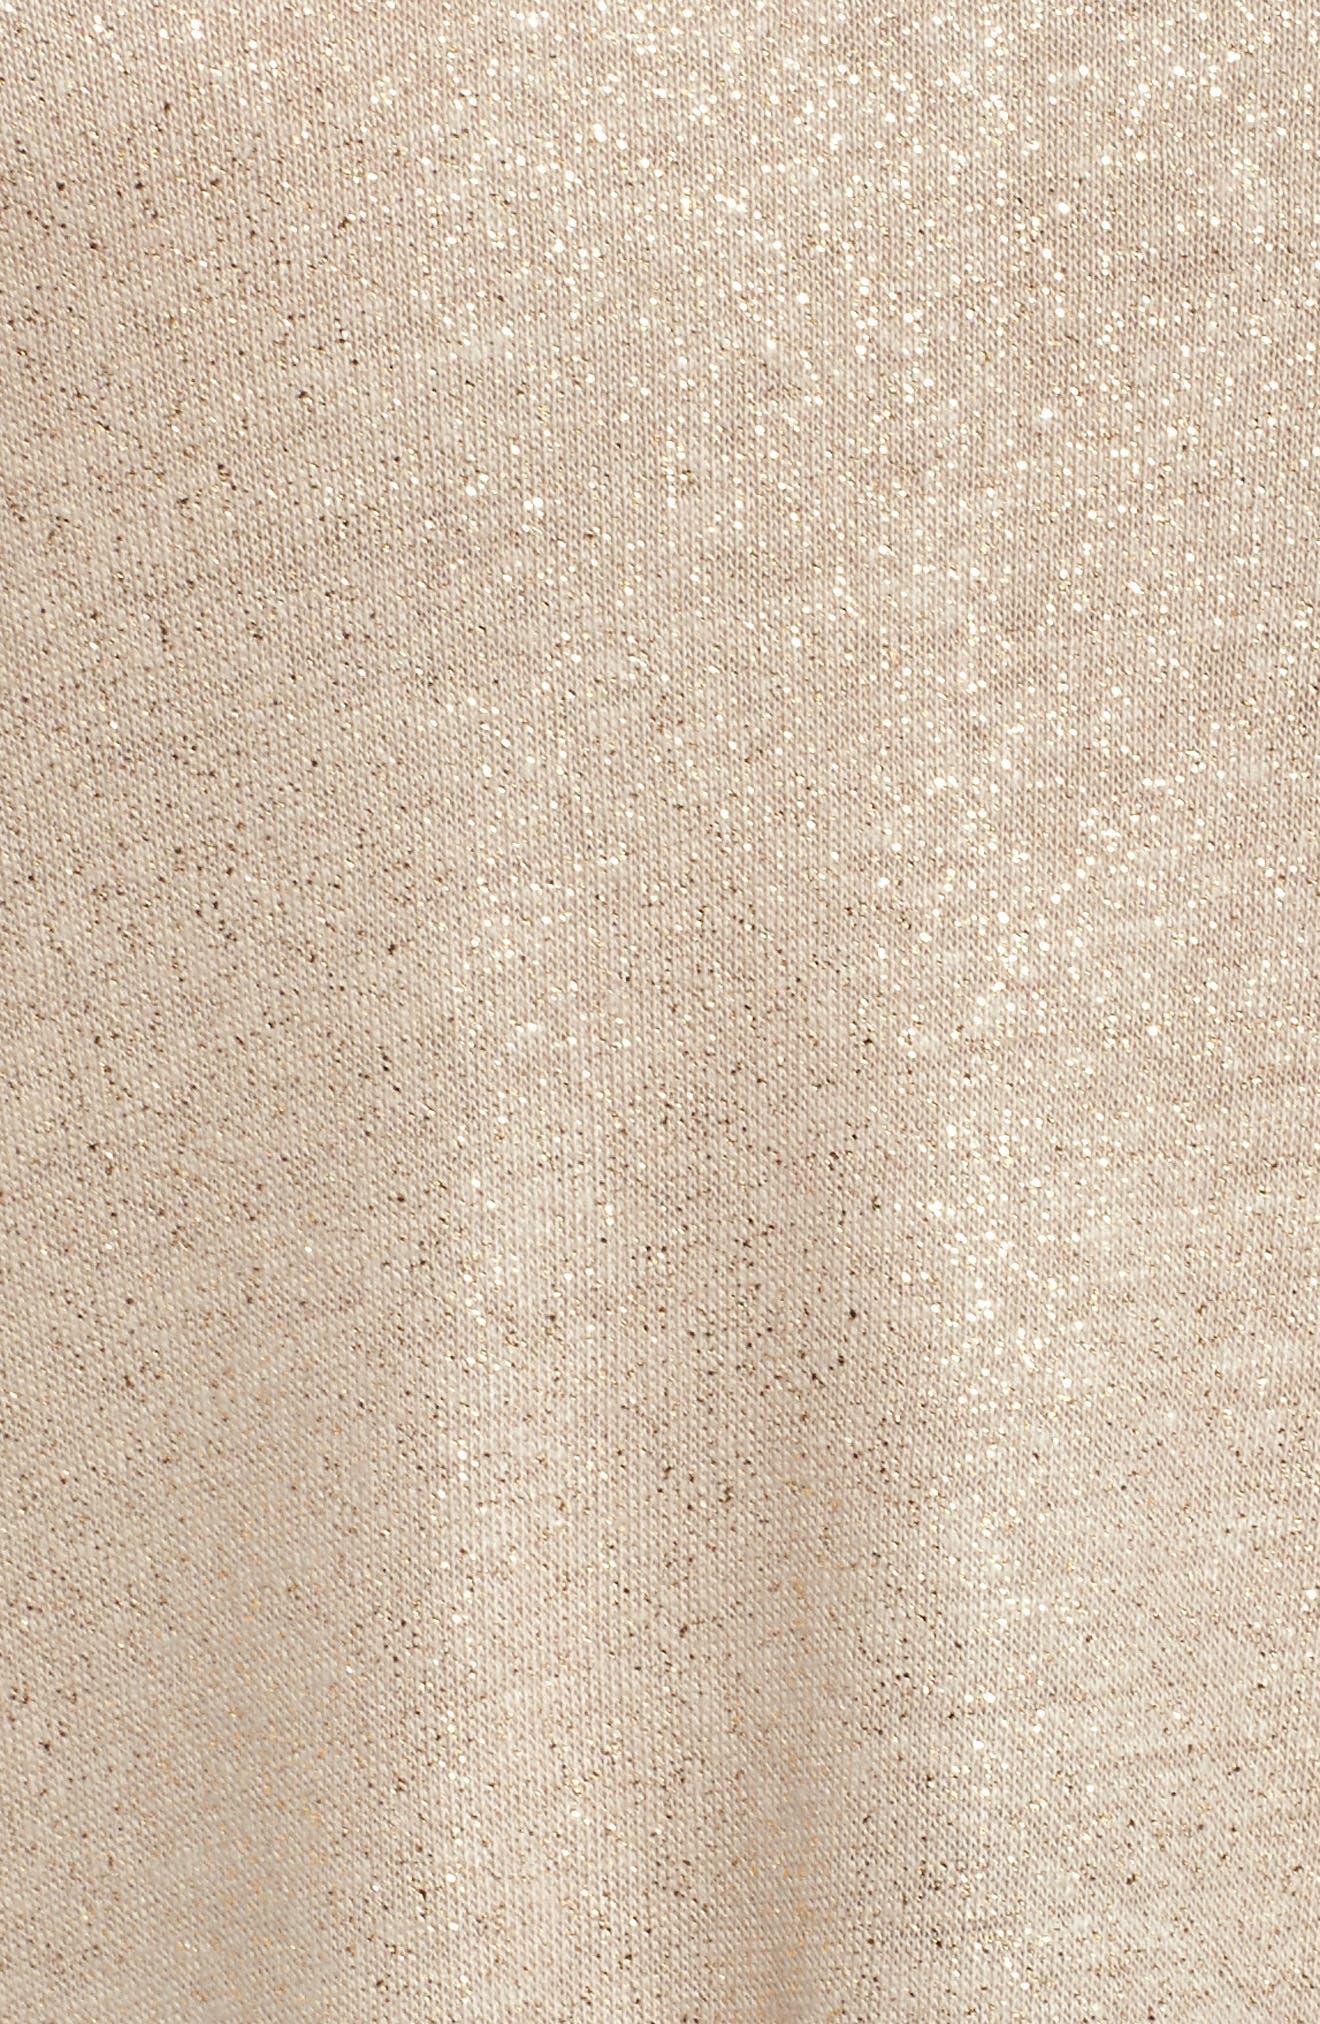 V-Neck Shimmer Tee,                             Alternate thumbnail 5, color,                             Tan Shimmer